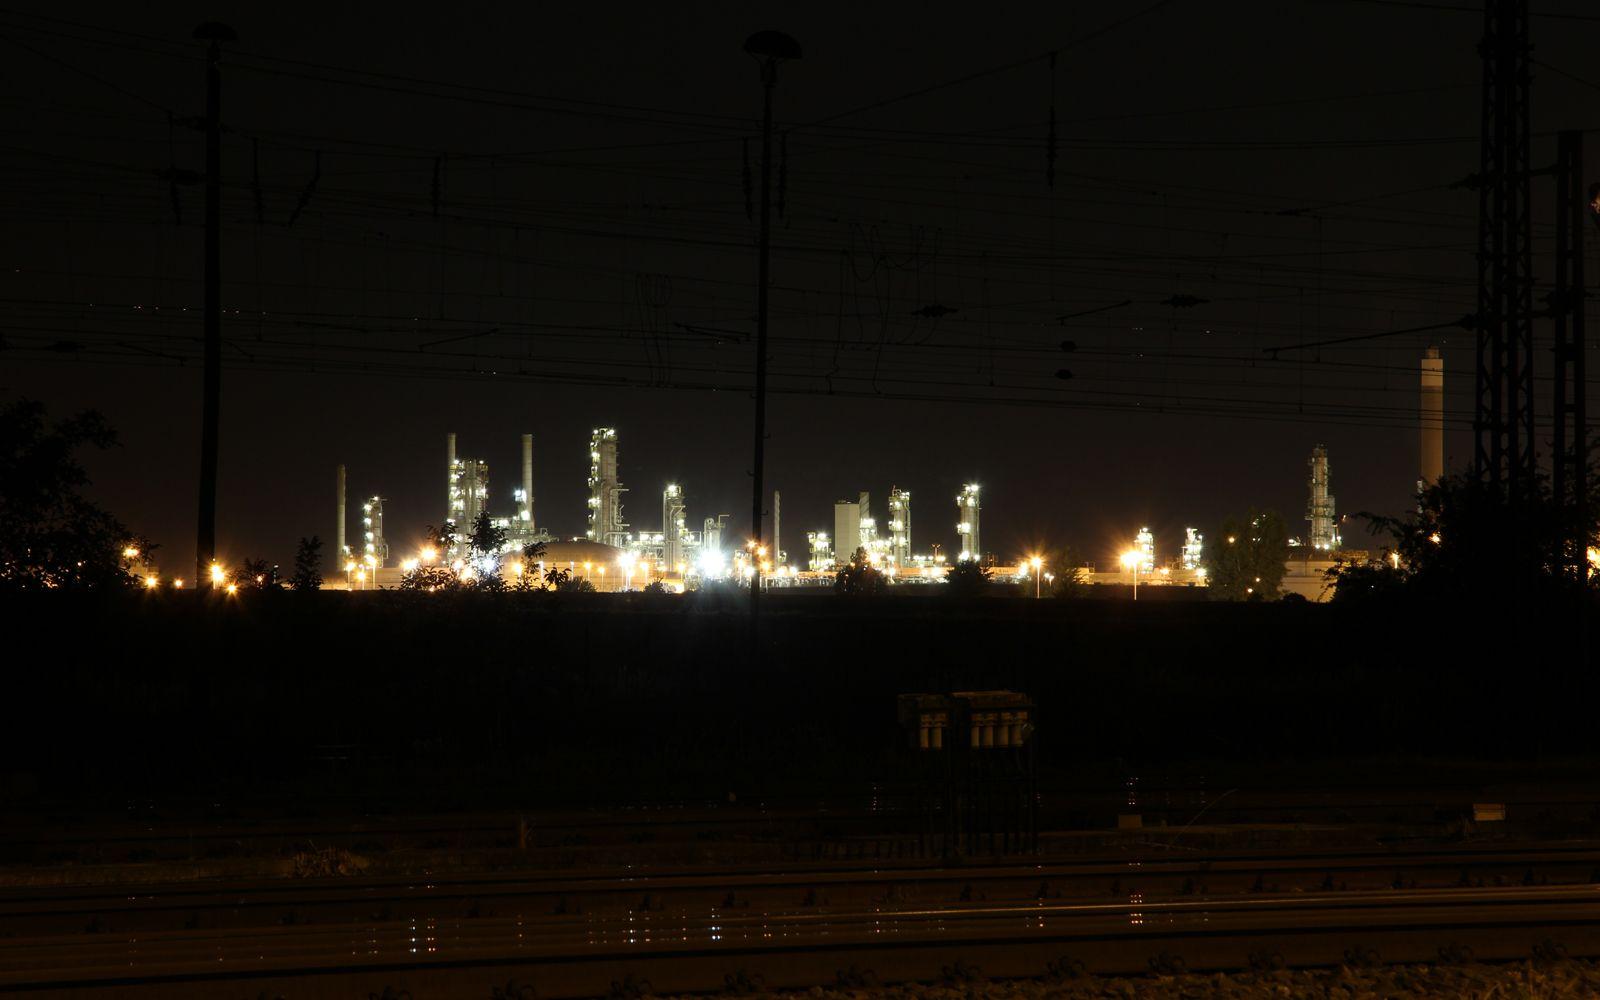 ©Foto: Denis Herwig | railmen | Lokführer im Dienst für InfraLeuna | Leuna Raffinerie bei Nacht